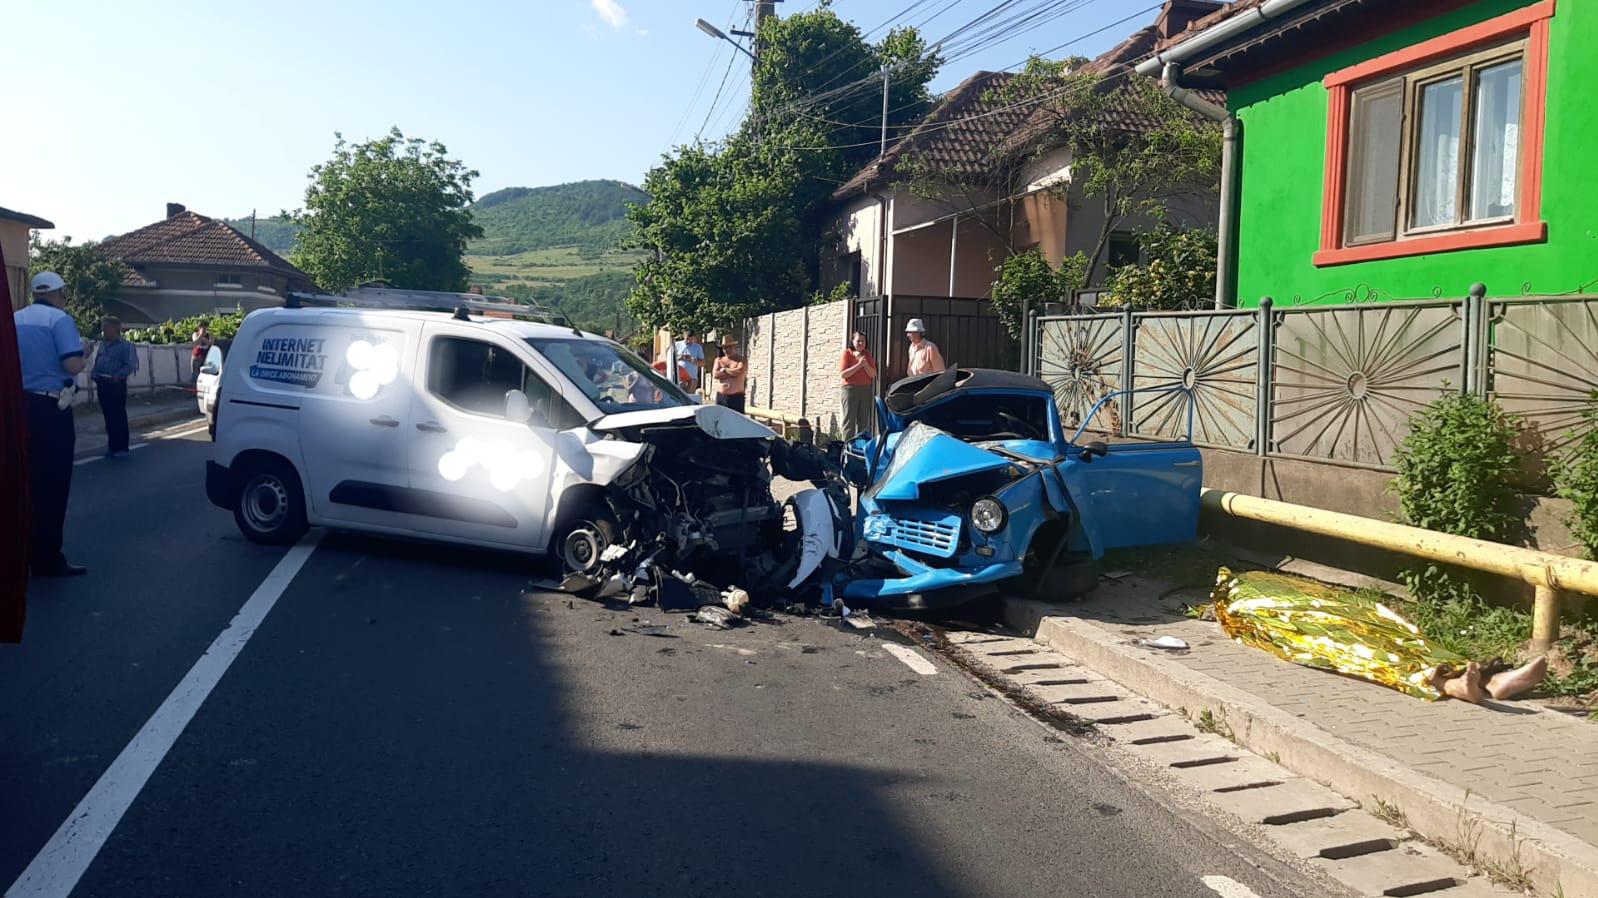 Sfârșit tragic pentru un polițist de la Rutieră. Și-a pierdut viața în urma unui accident rutier